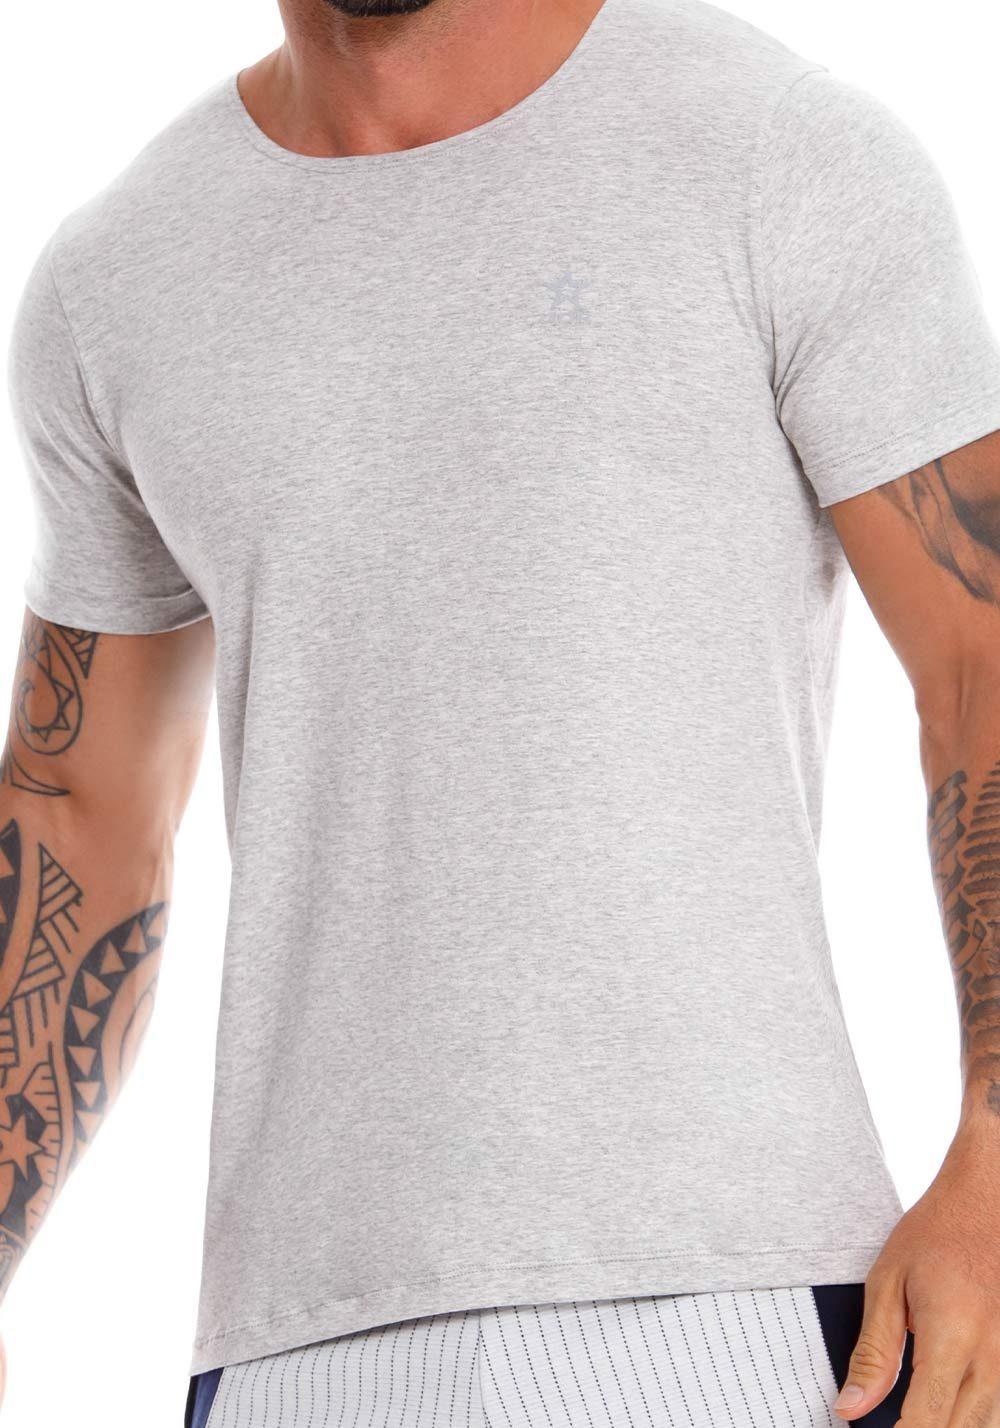 JOR T-Shirt Cross | Grey